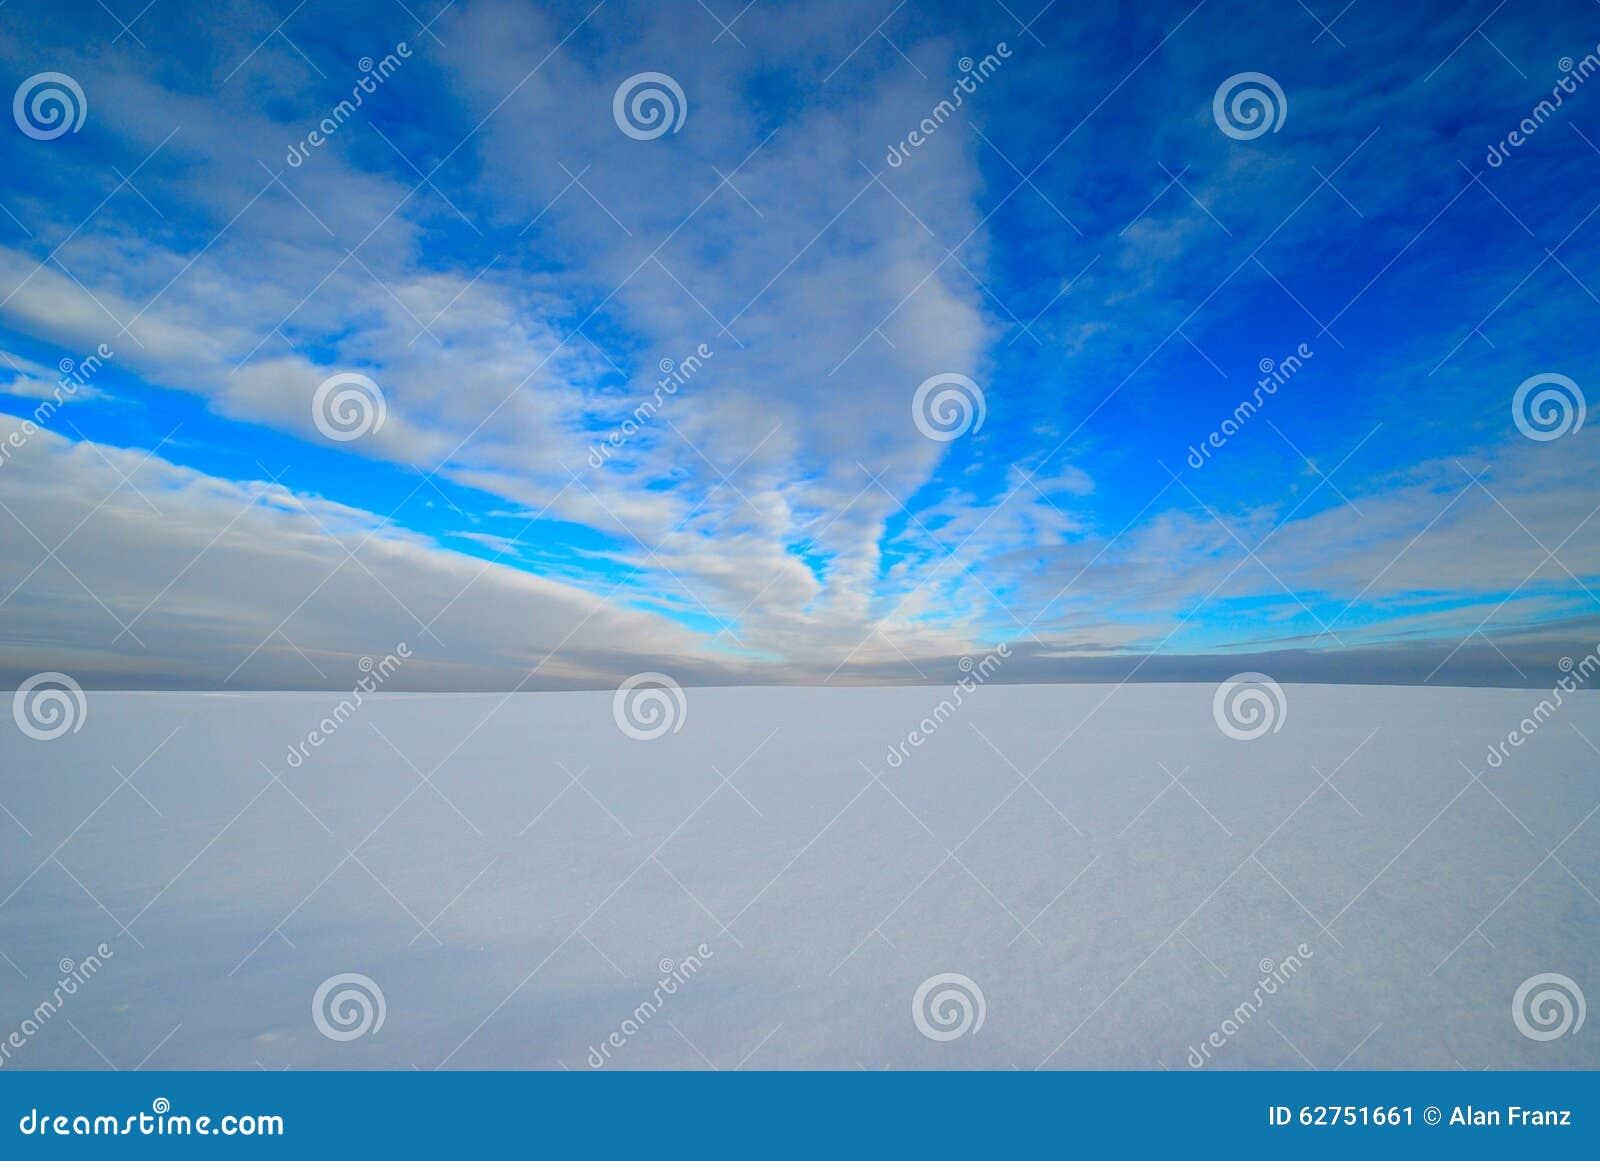 Niebieskie niebo nad śnieżnym polem